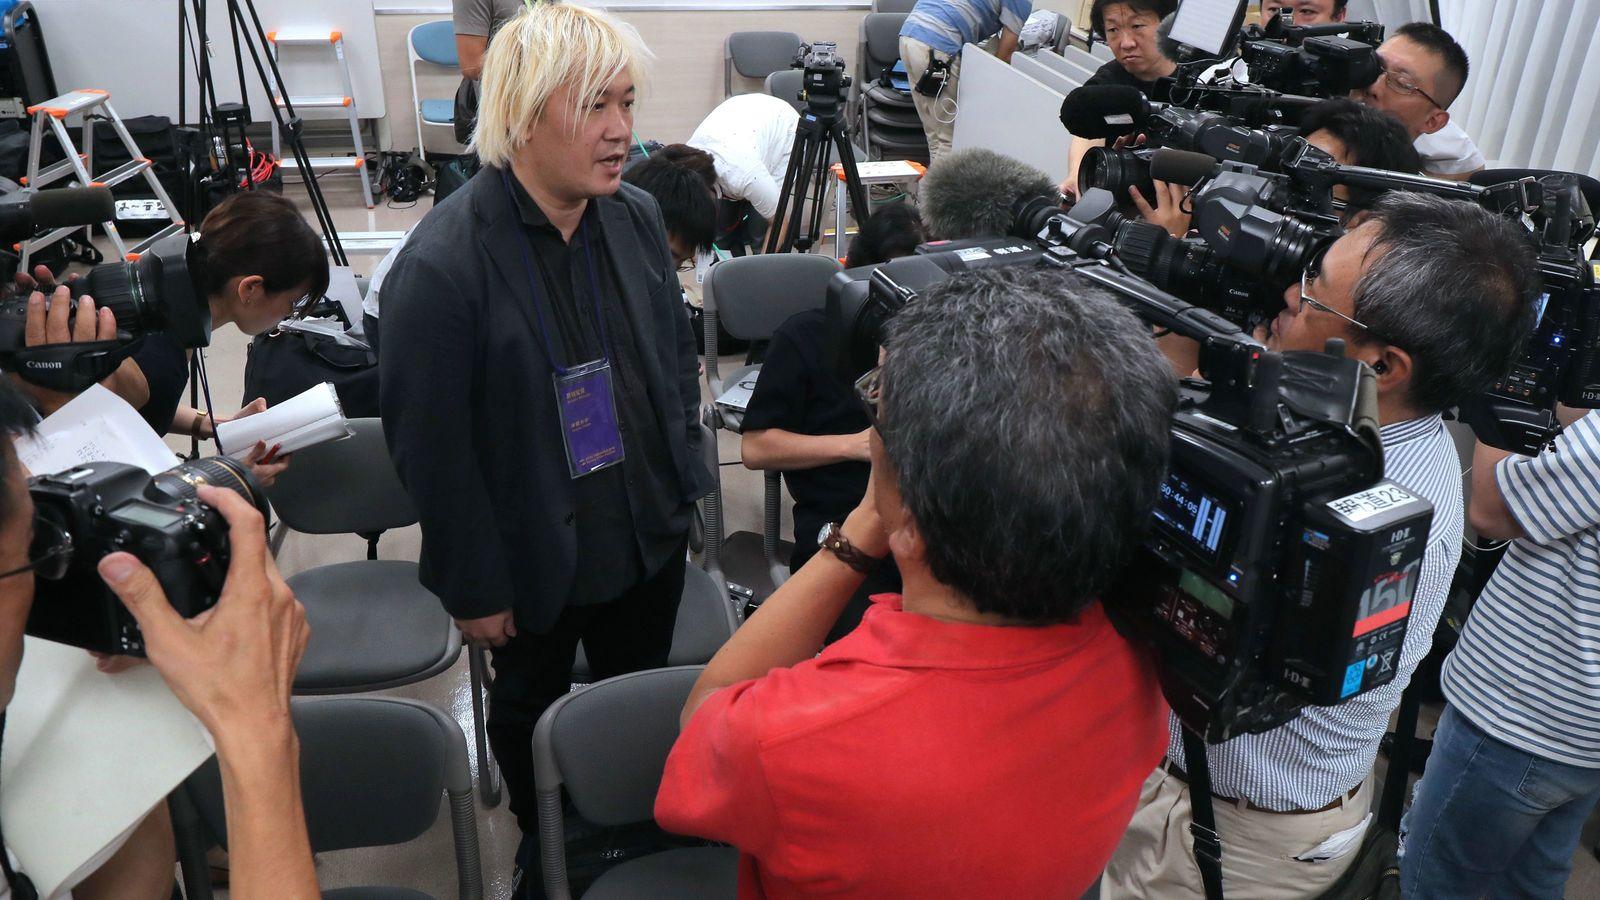 なぜ日本は韓国より「言論の自由度」が低いのか それは「安倍首相のせい」ではない